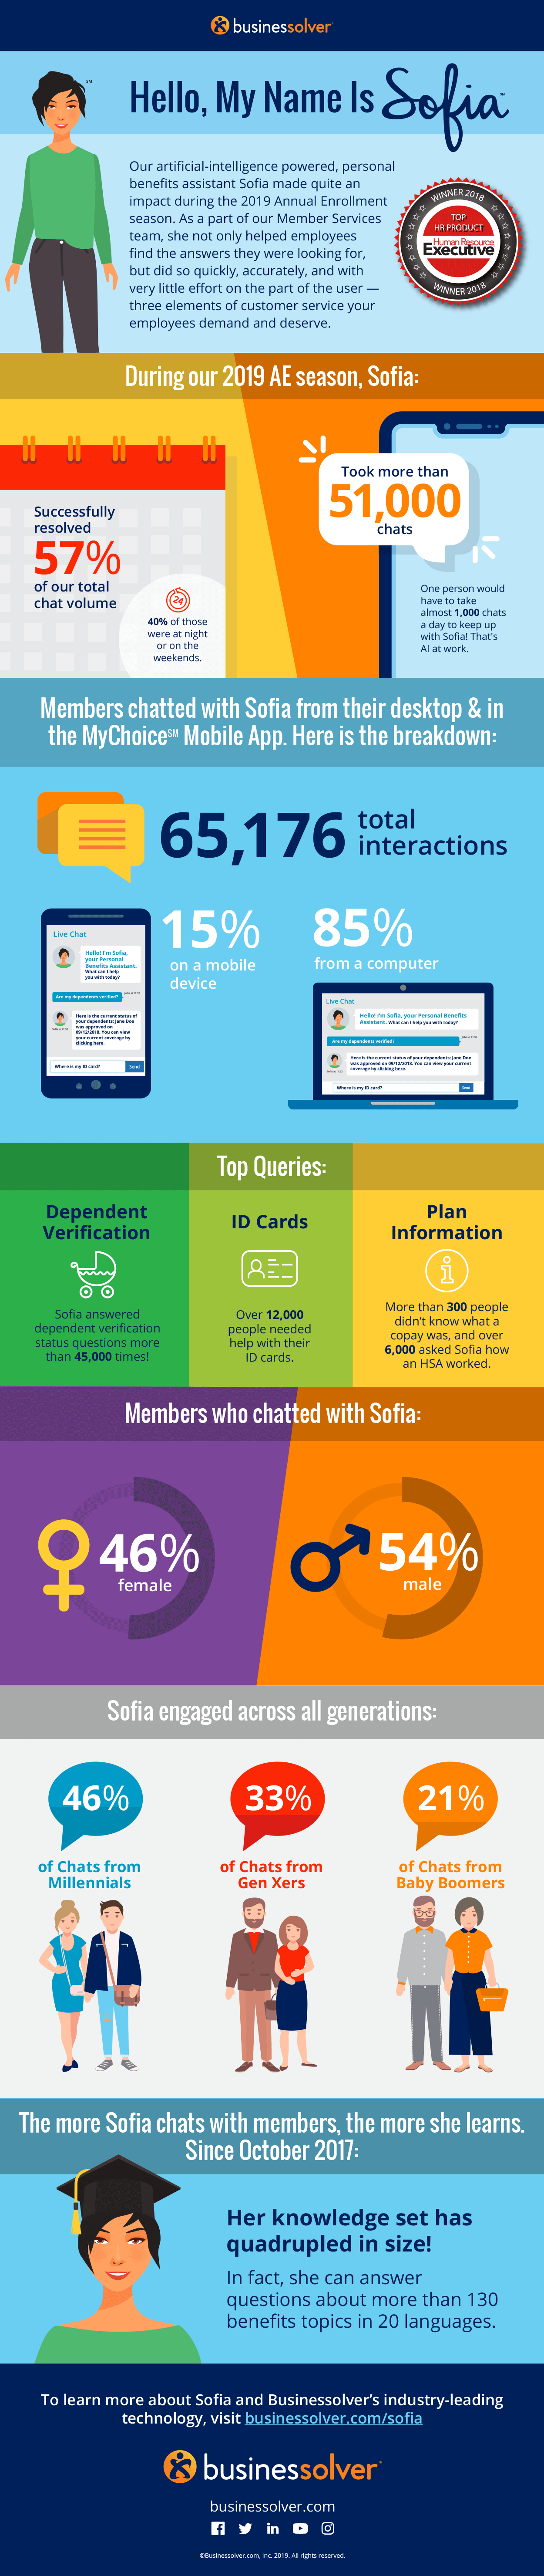 businessolver-sofia-infographic-2019